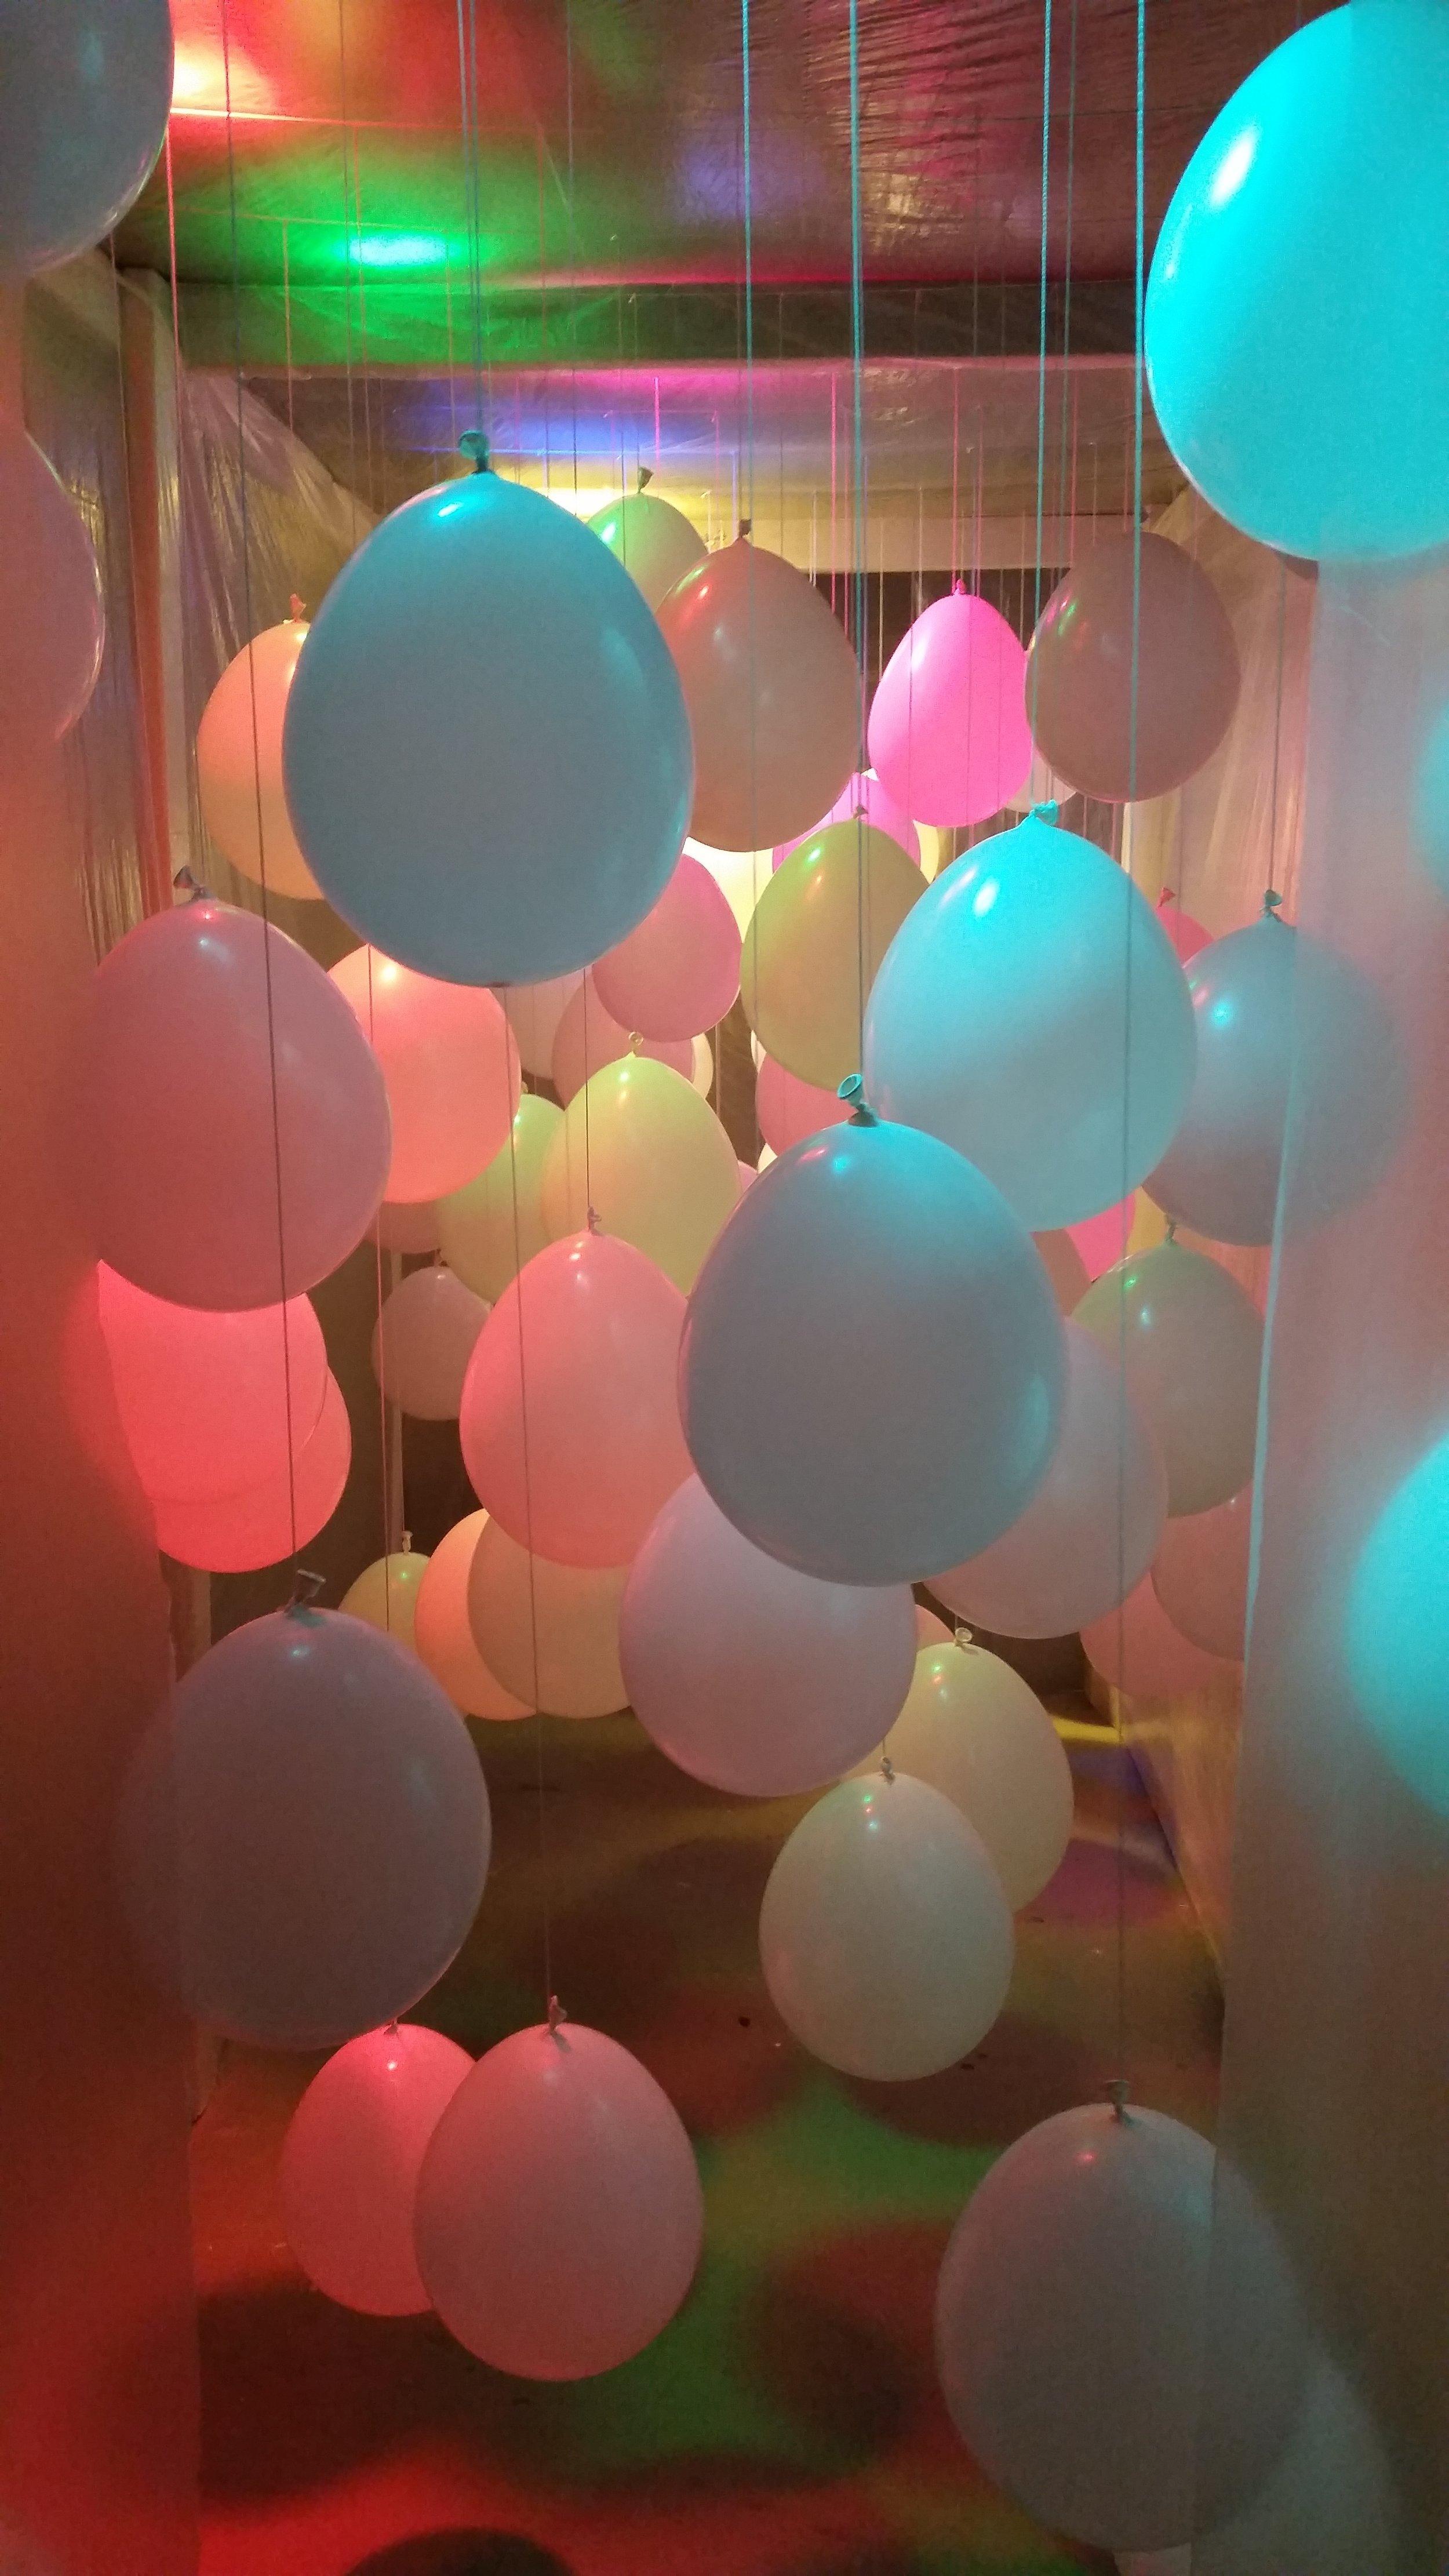 8b_Littleton_Tiffany_Installation_BALLOONS.jpg